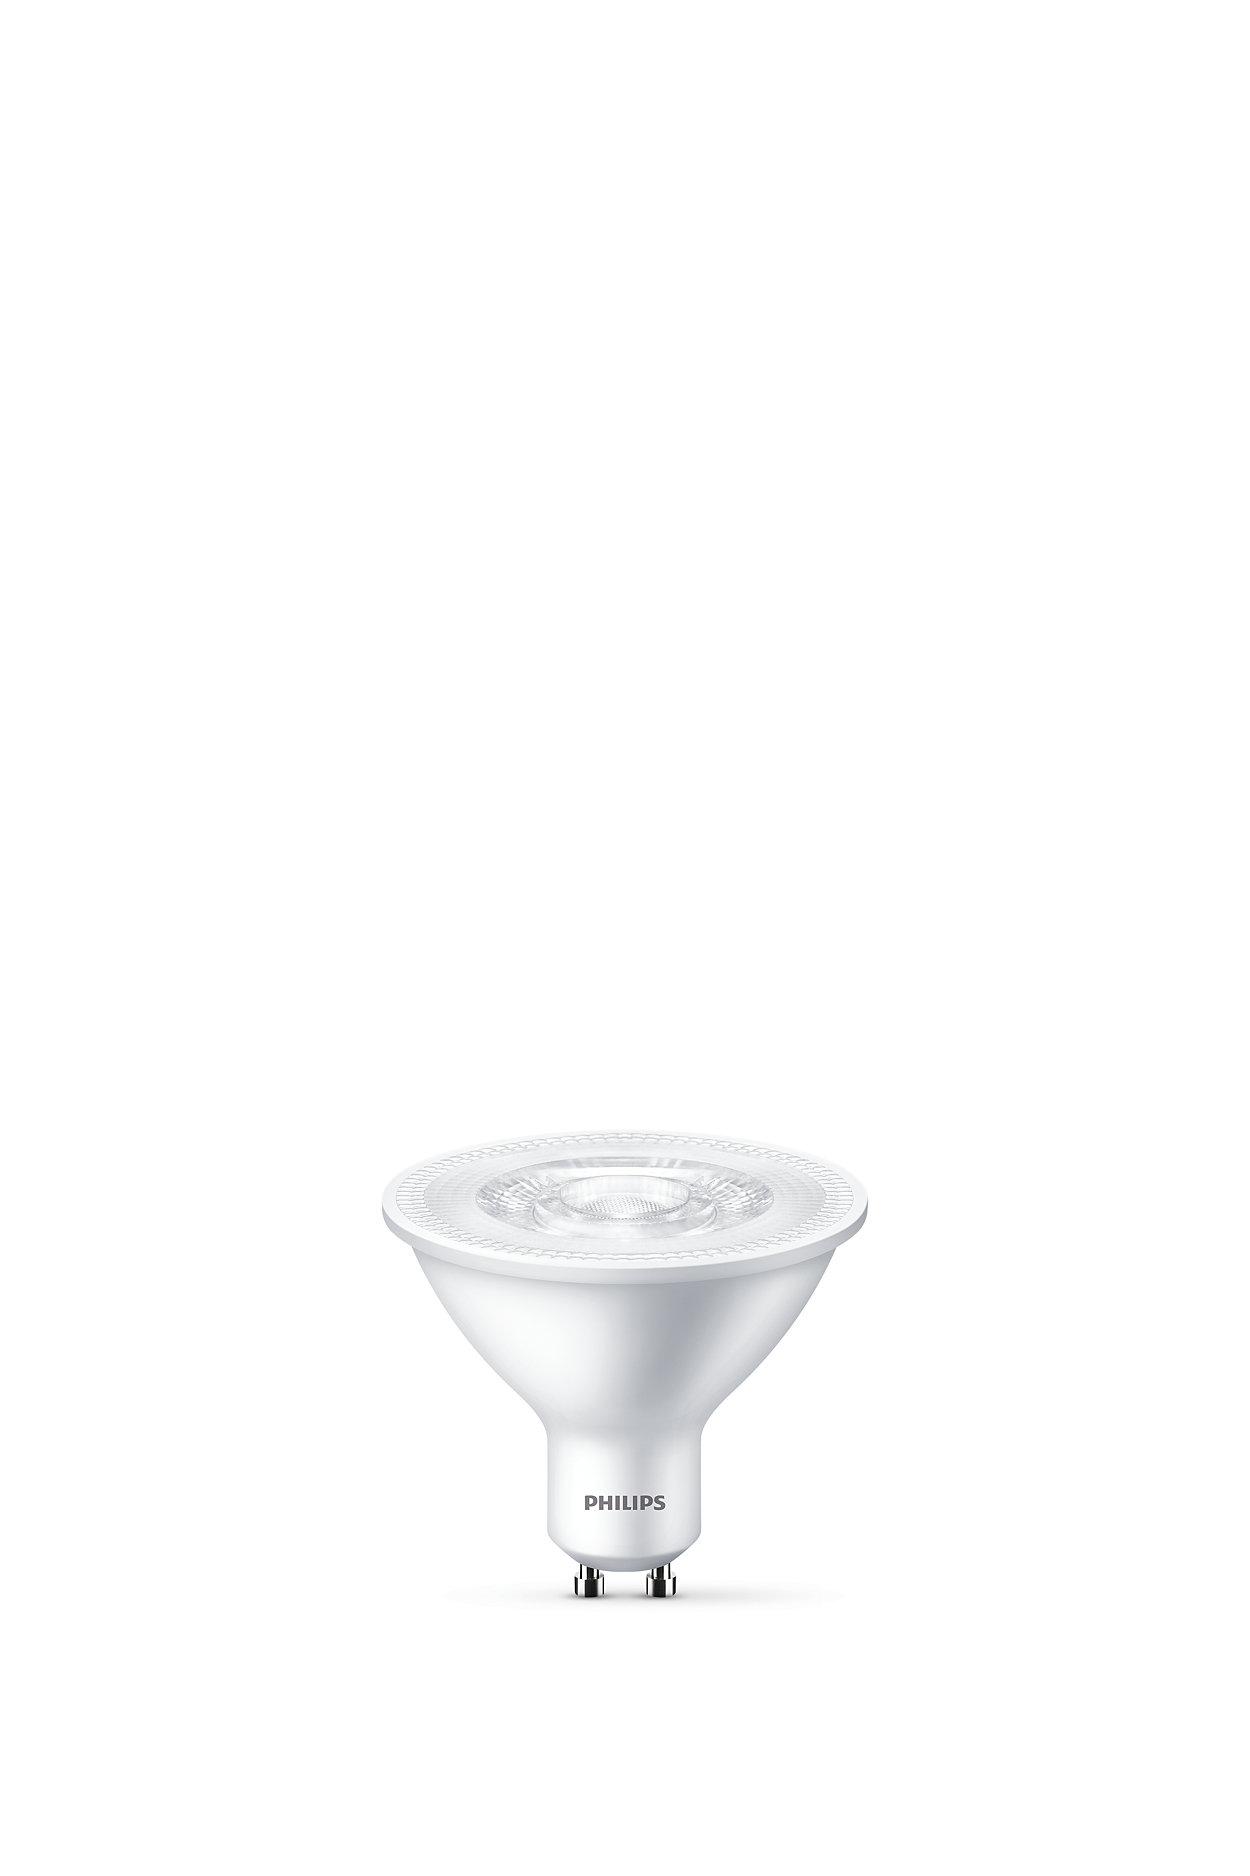 Iluminação de destaque durável com facho brilhante